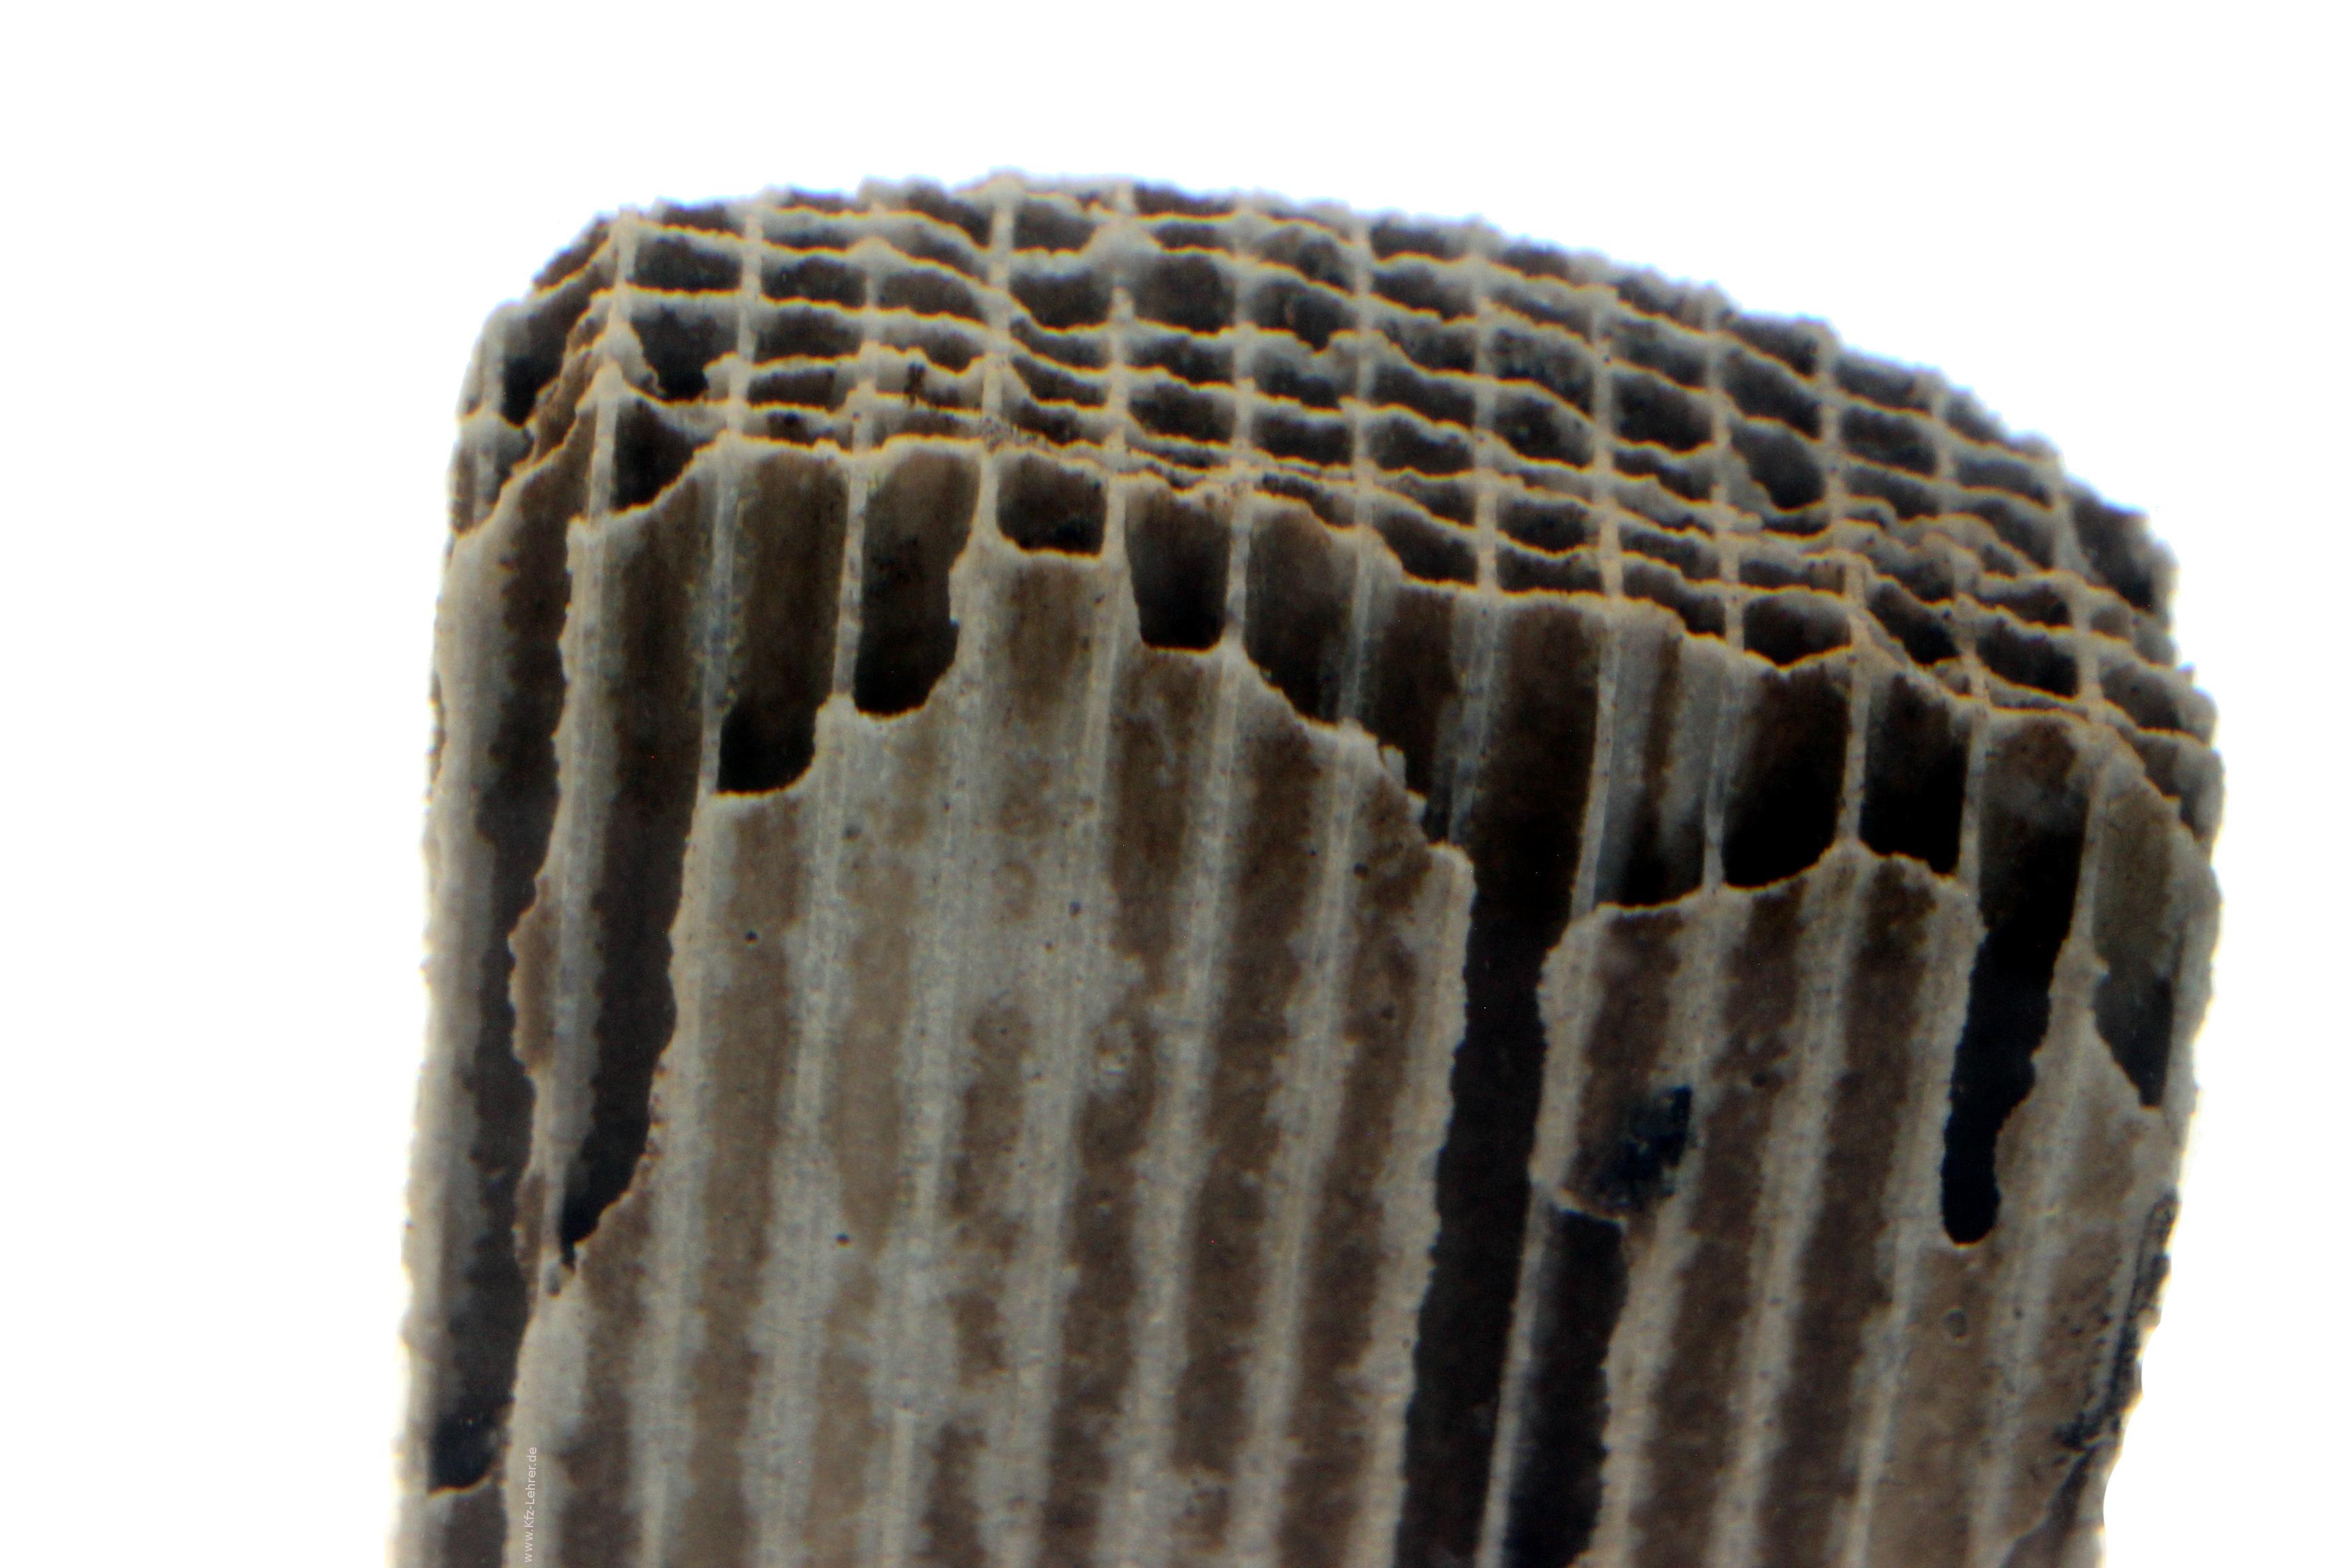 Blick auf die Kanäle eines Katalysatorstückes